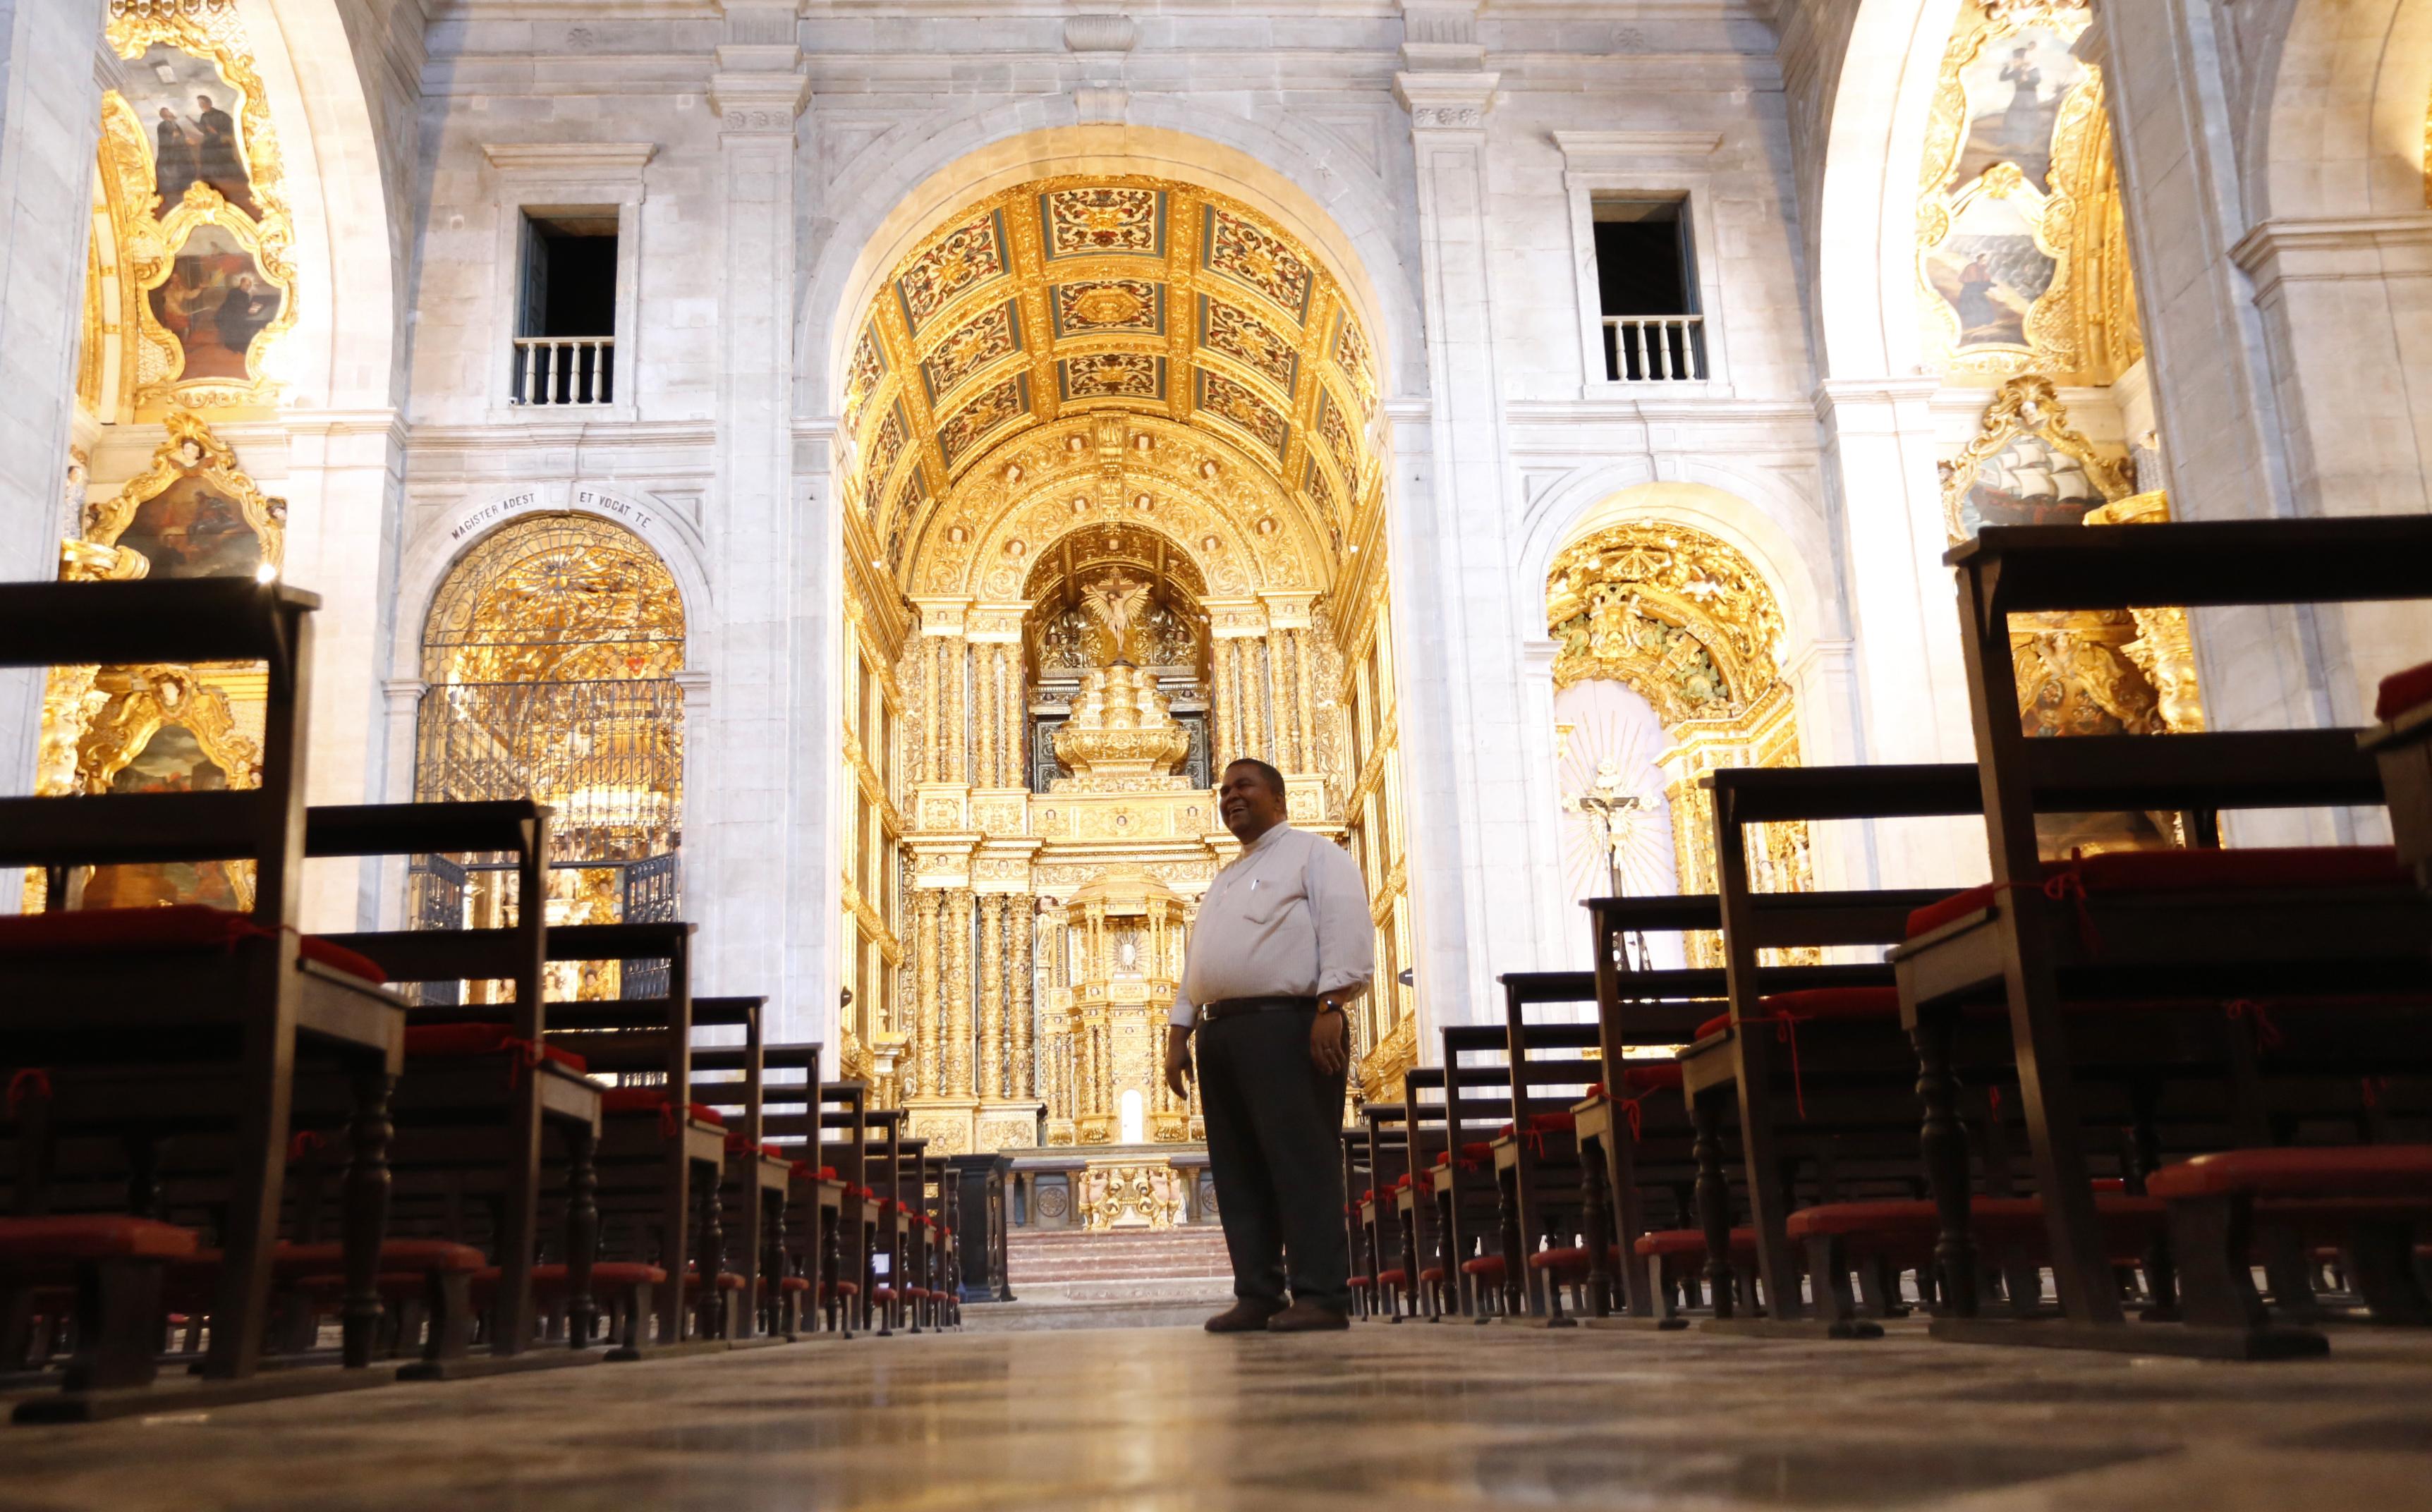 O pároco já pensa em estratégias para a manutenção deste tesouro arquitetônico.